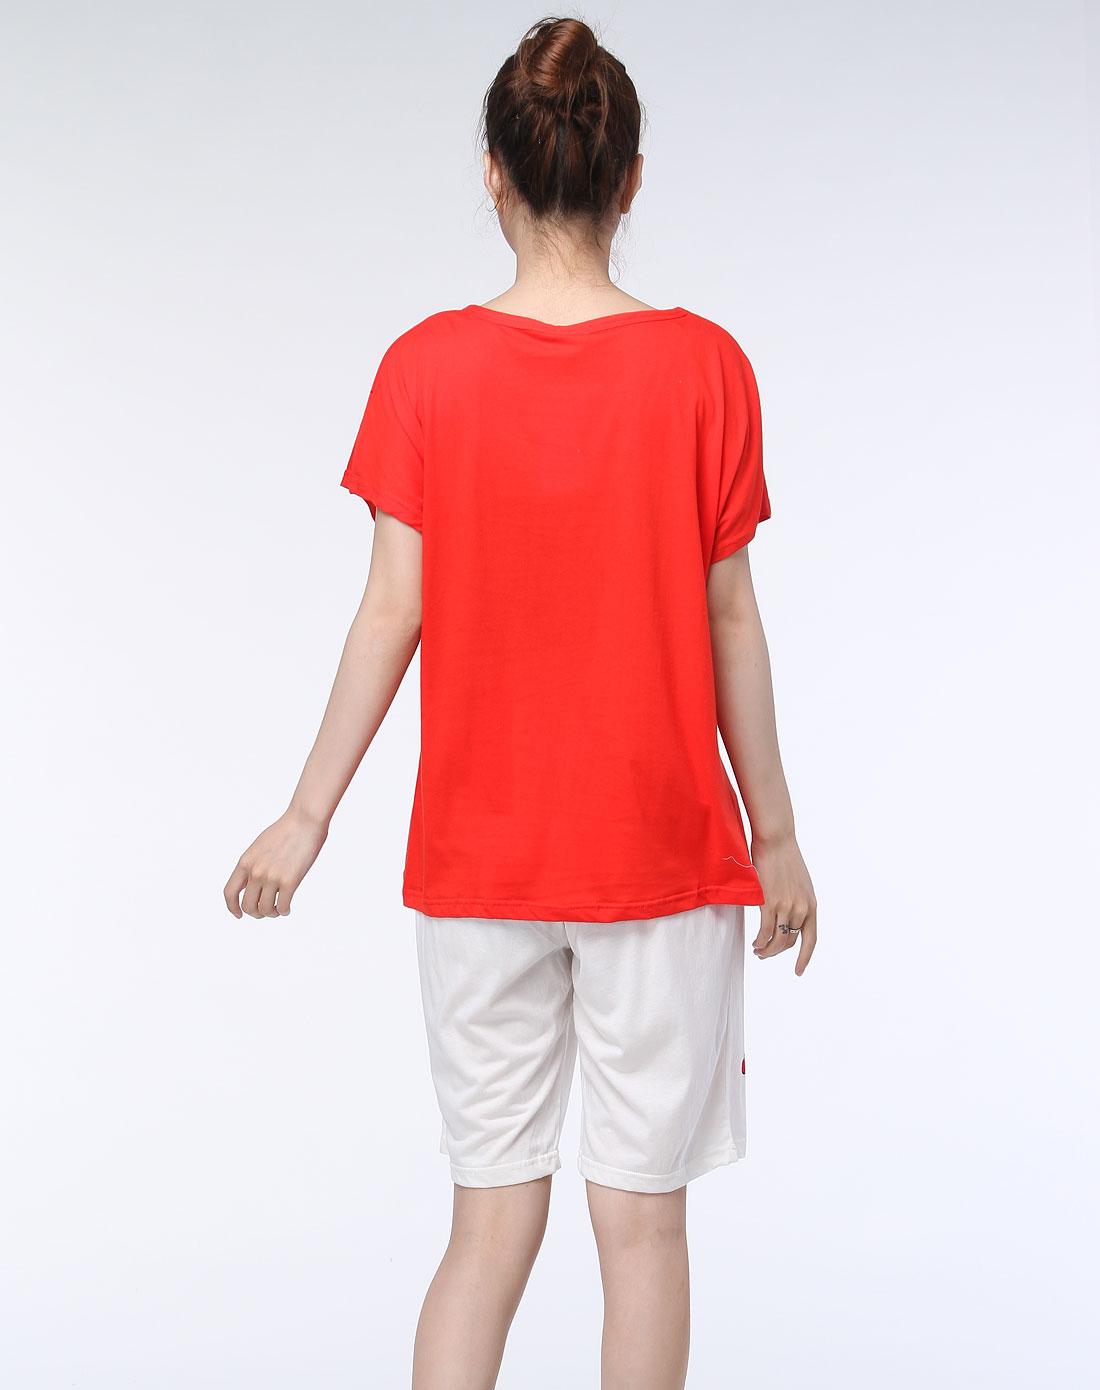 大红色圆领休闲短袖套装